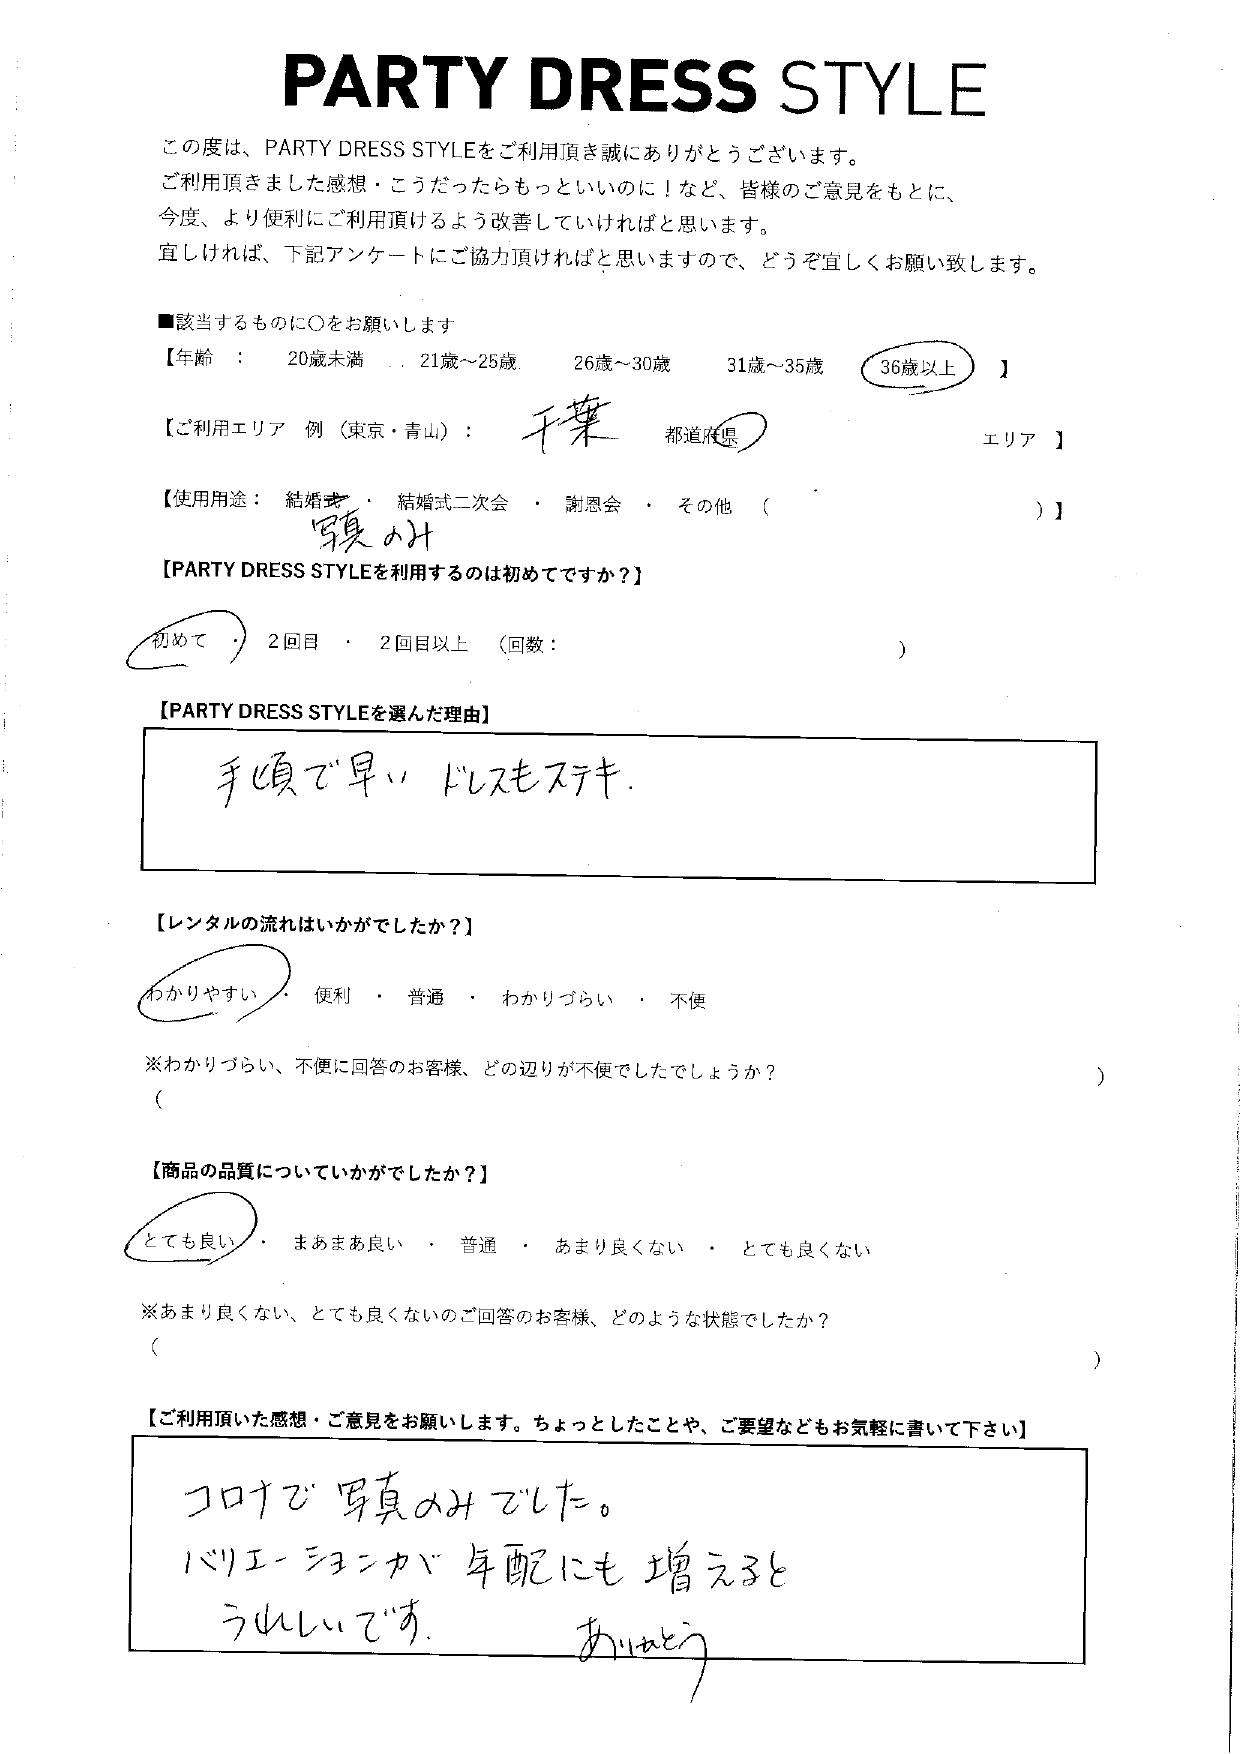 12/22結婚式撮影ご利用 千葉エリア